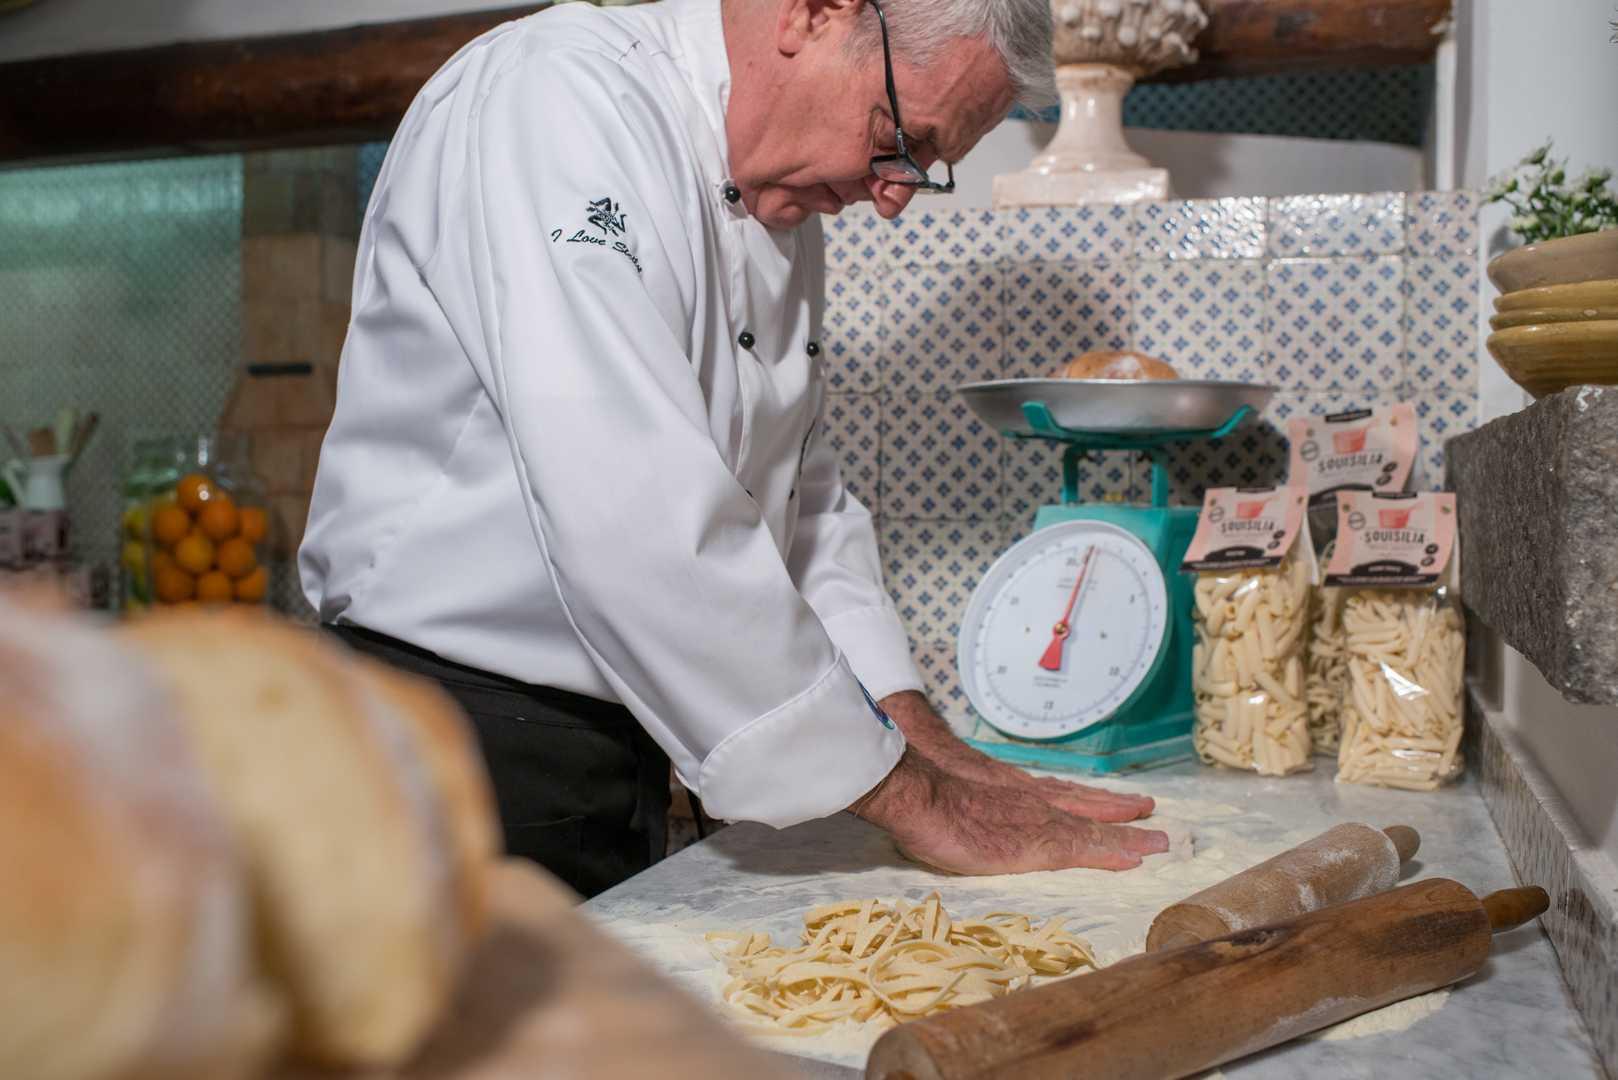 chef santocchini